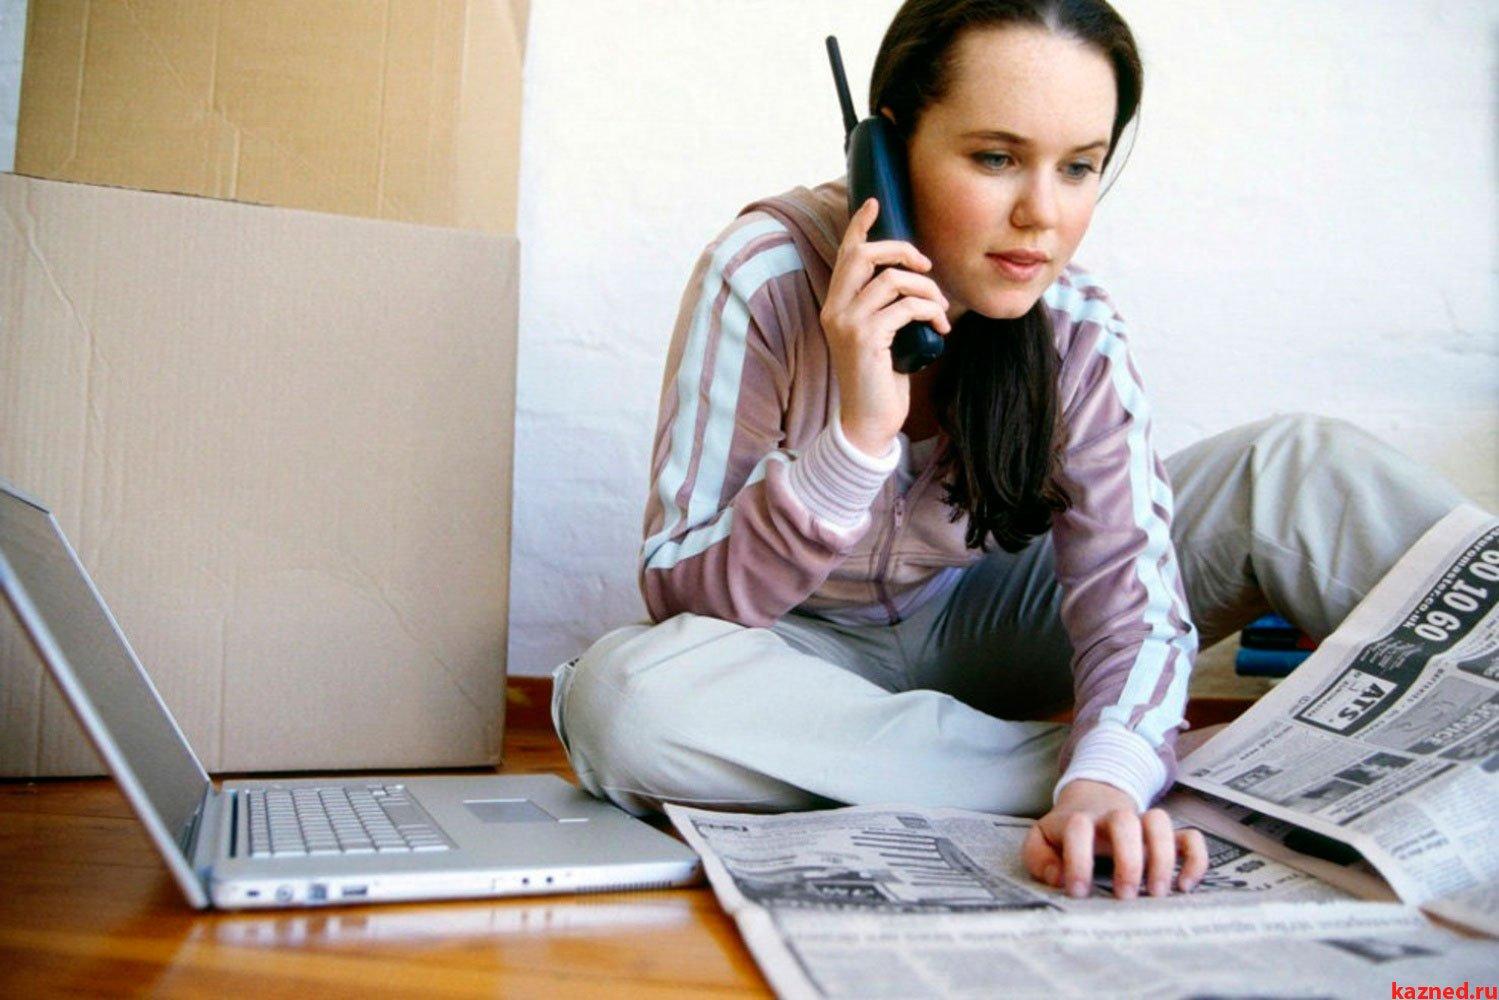 Работа для девушек вакансии ижевск фото марии мироновой